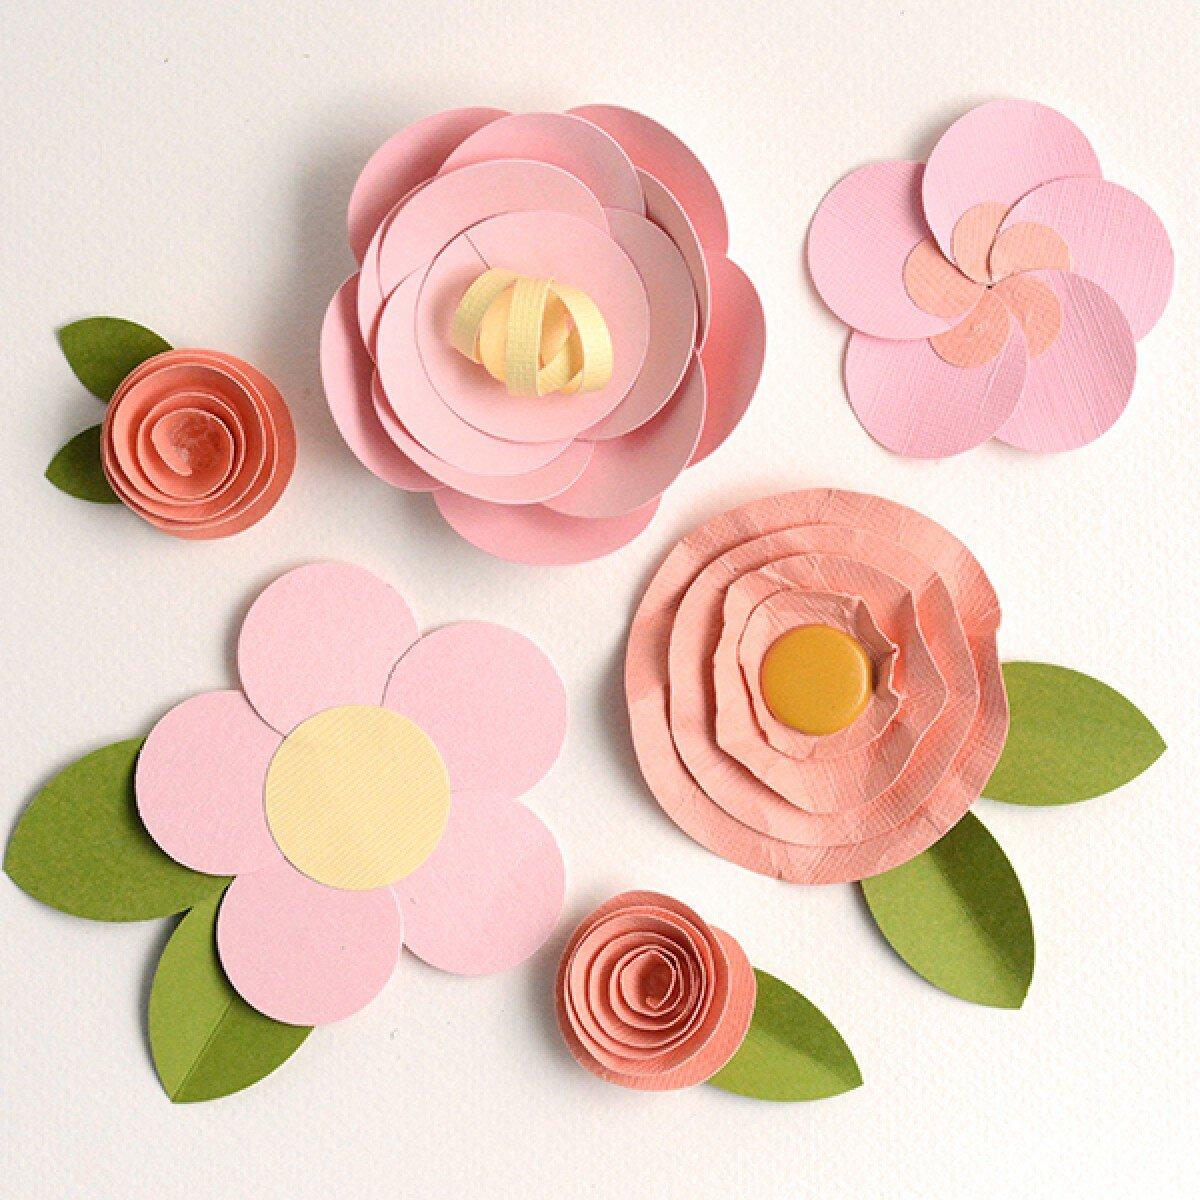 сделанные цветочки картинки отличии индонезийцев